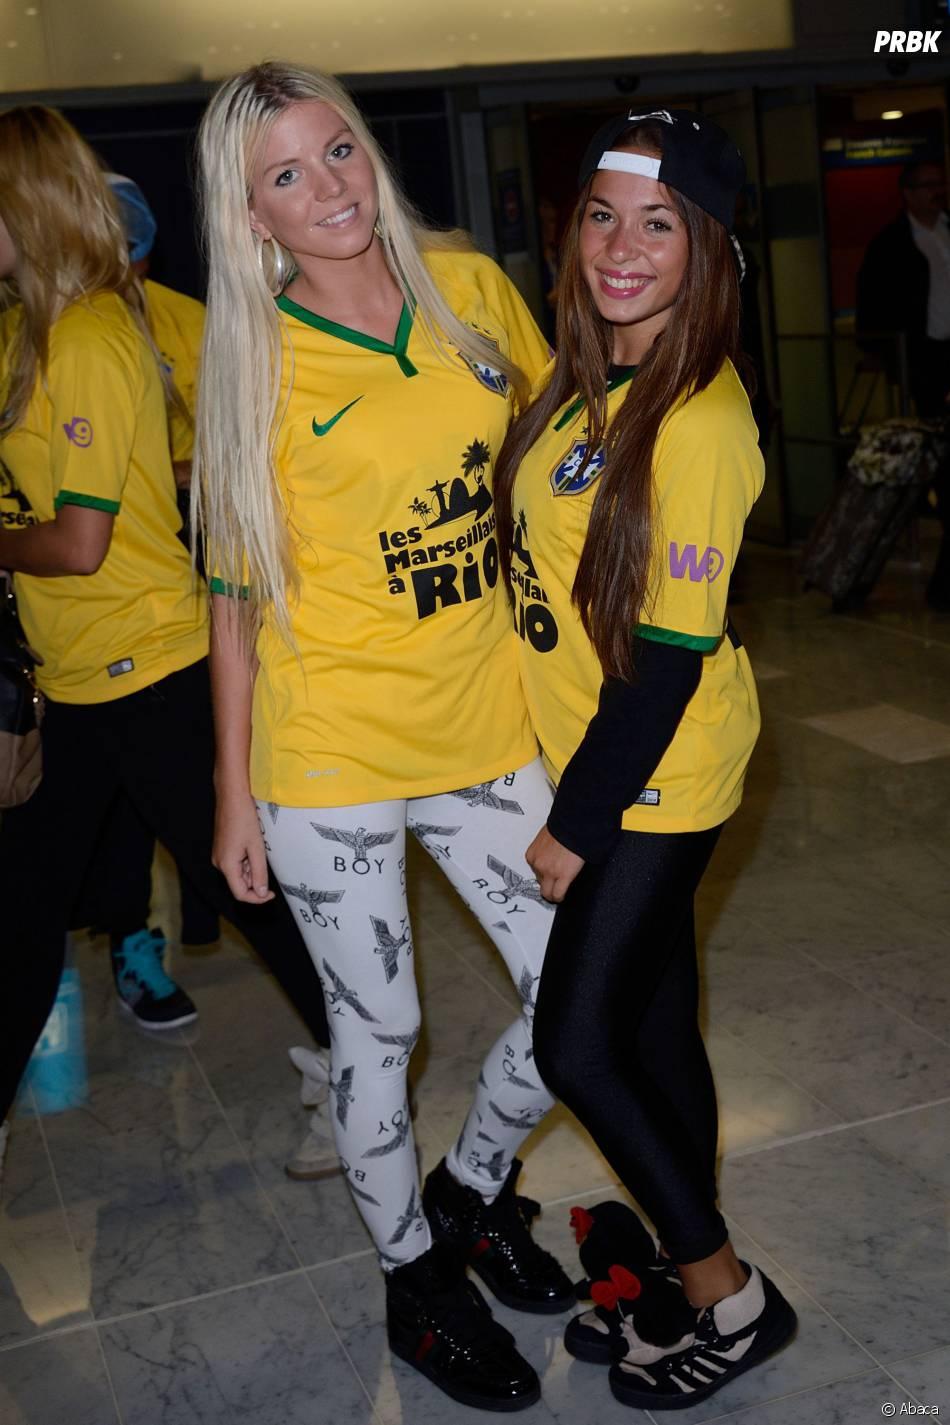 Les Marseillais à Rio : Jessica et Stéphanie avec le maillot des Marseillais, le 6 mars 2014, à l'aéroport Charles-de-Gaulle